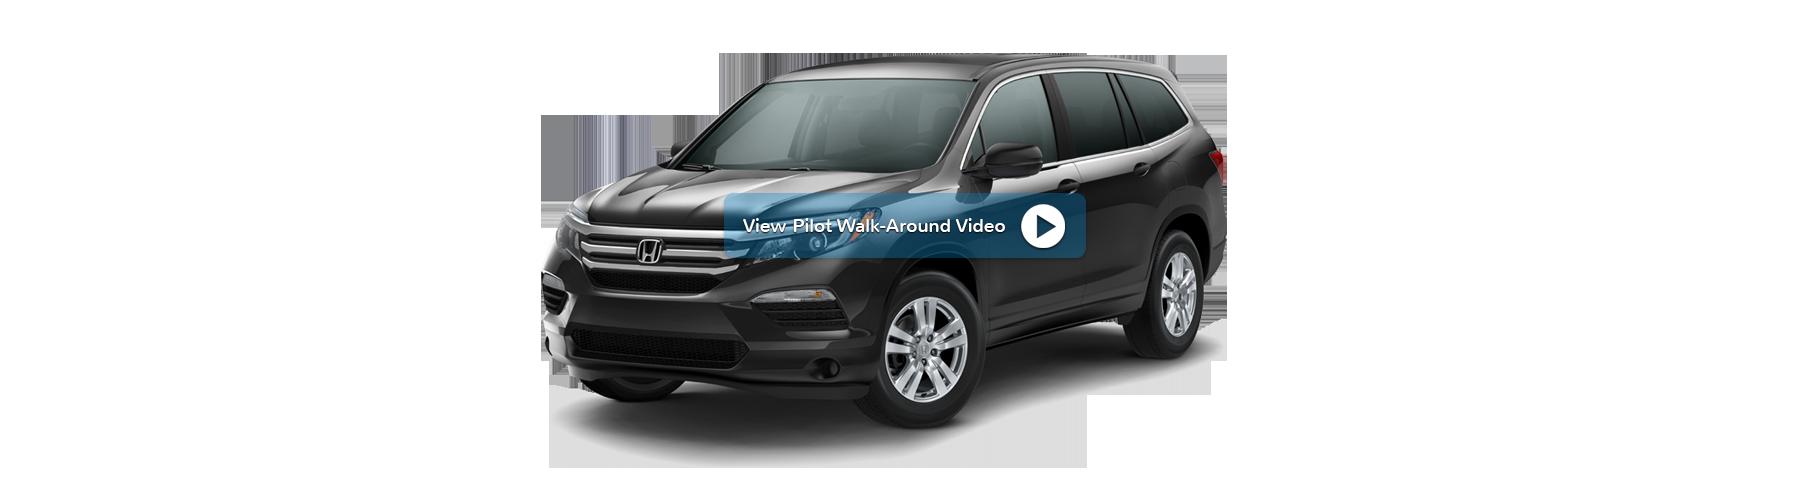 Honda pilot lease deals ny 2017 2018 2019 honda reviews for Honda pilot lease